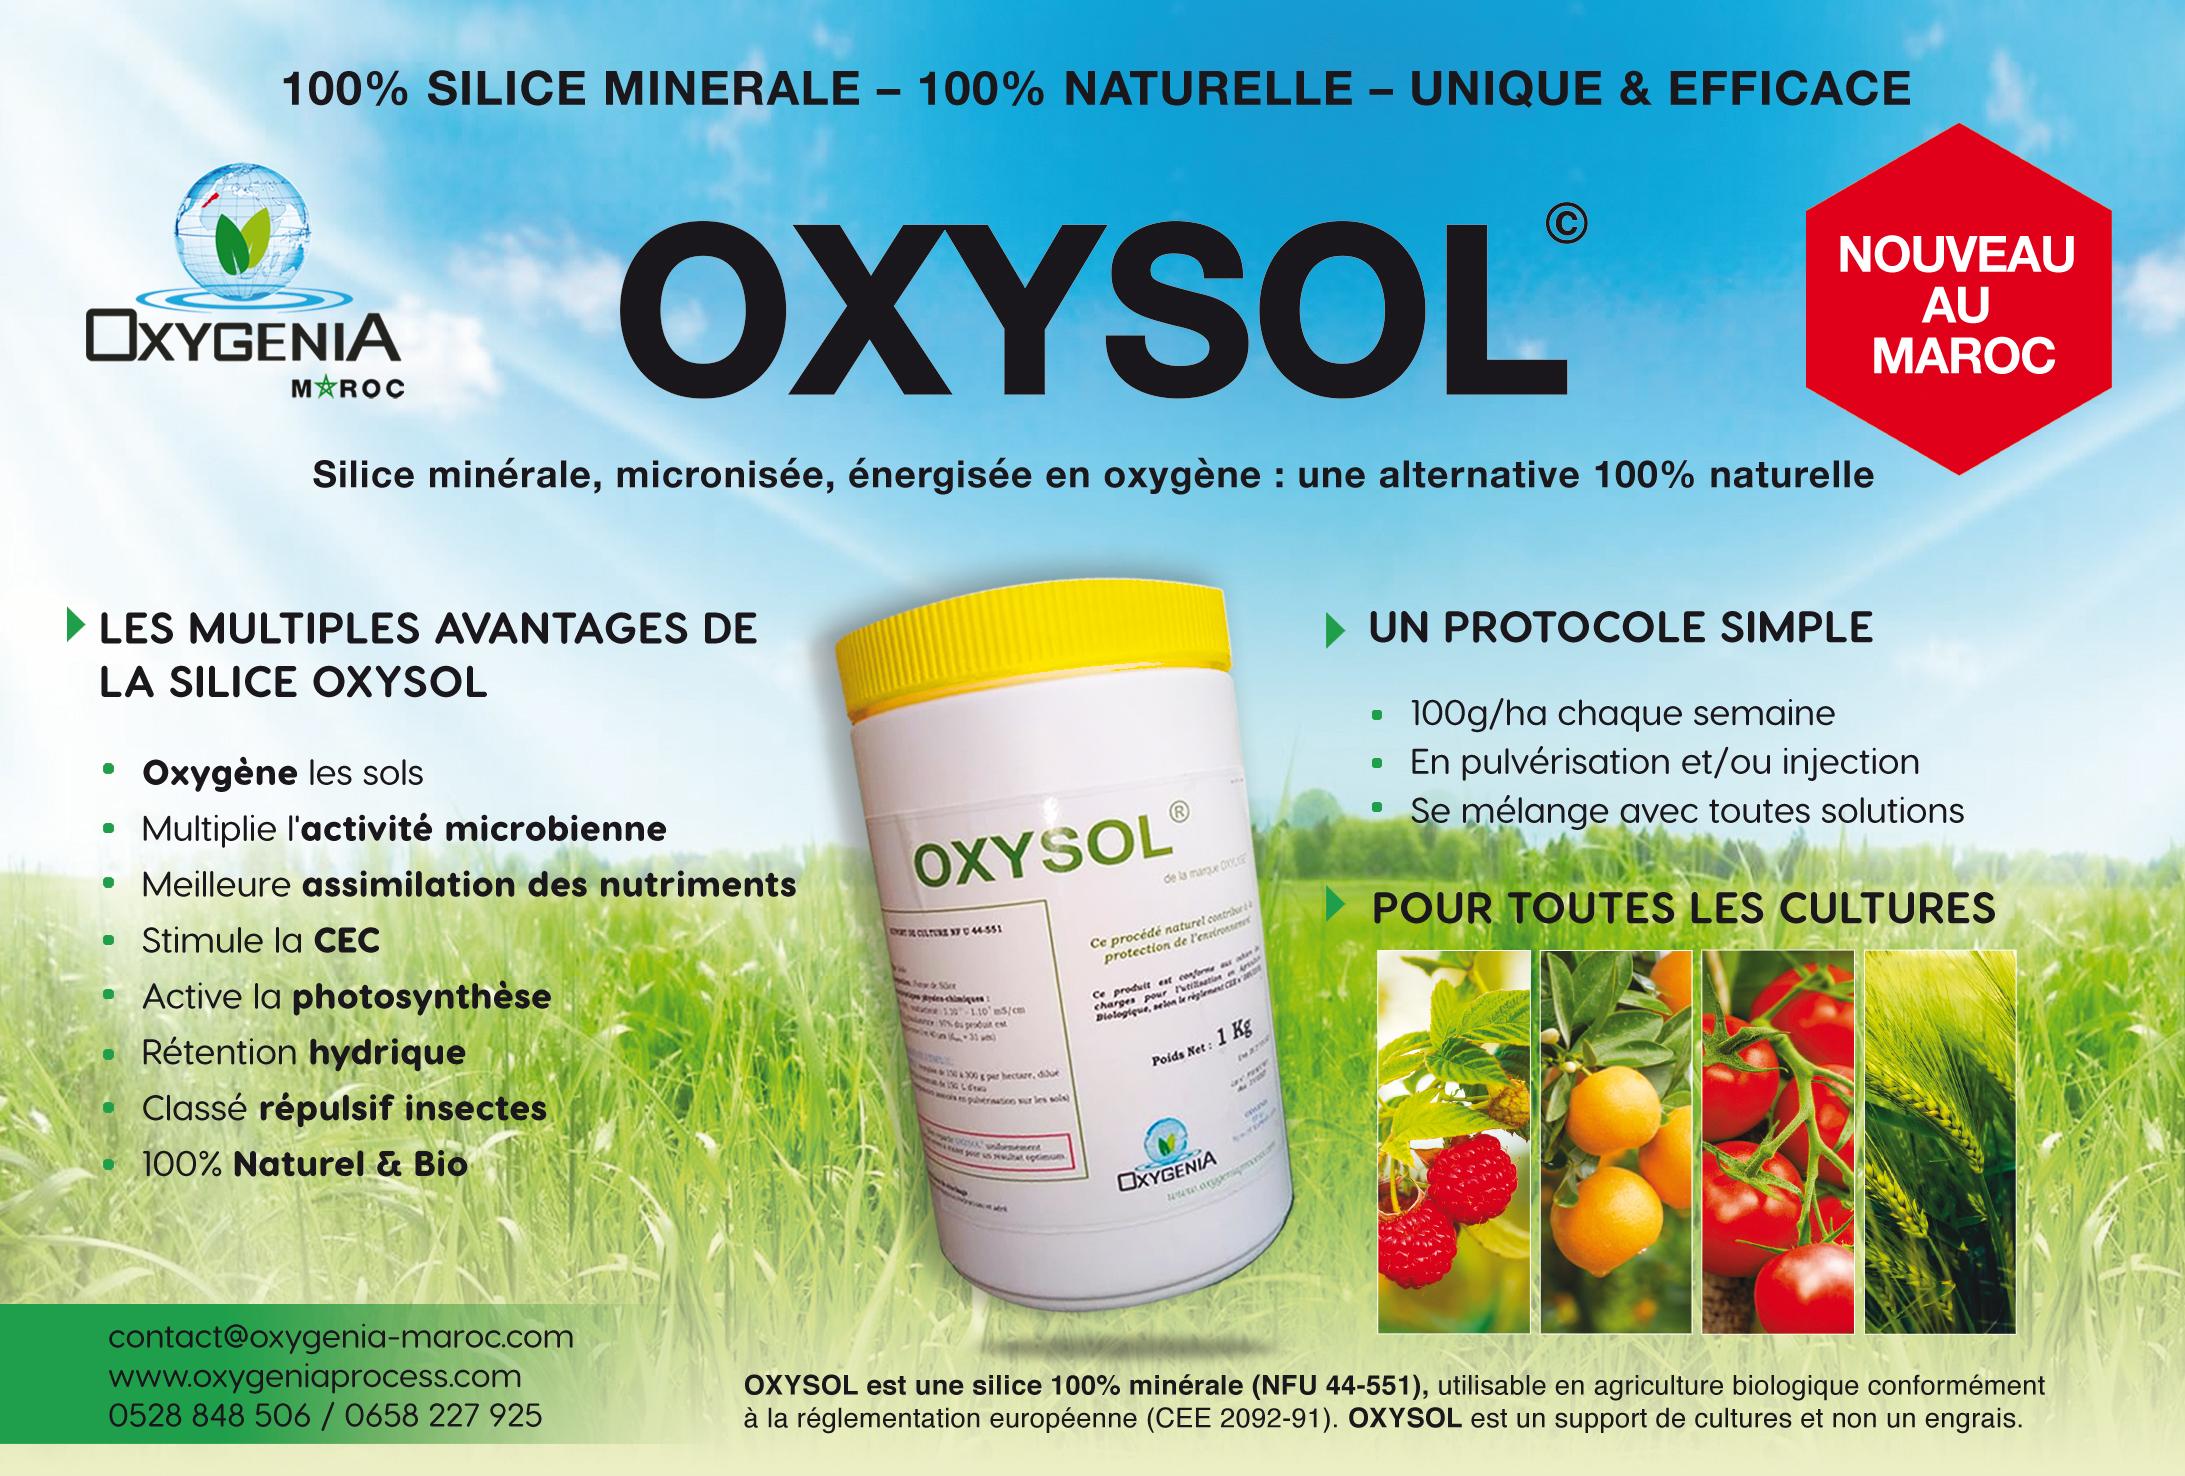 Oxysol : une application bénéfique pour la plante et l'environnement